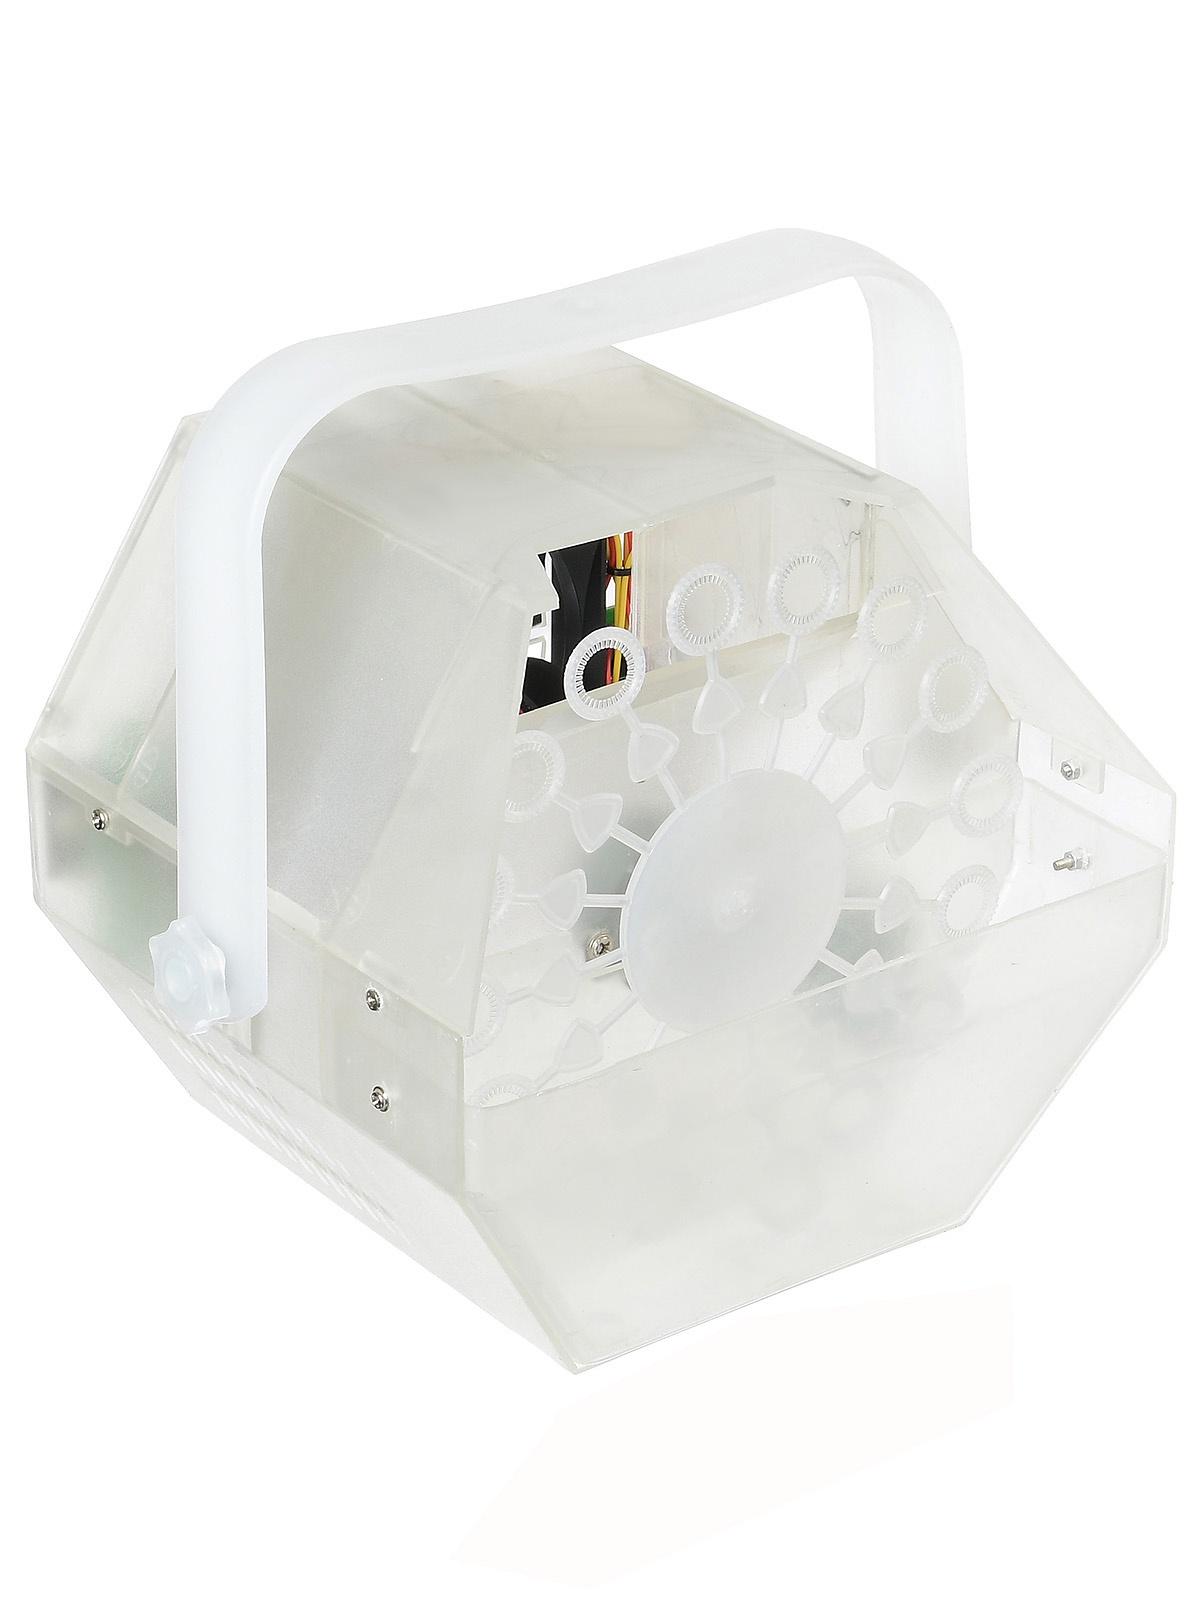 X-POWER X-021A LED AUTO - Генератор мыльных пузырей со светодиодной подсветкой